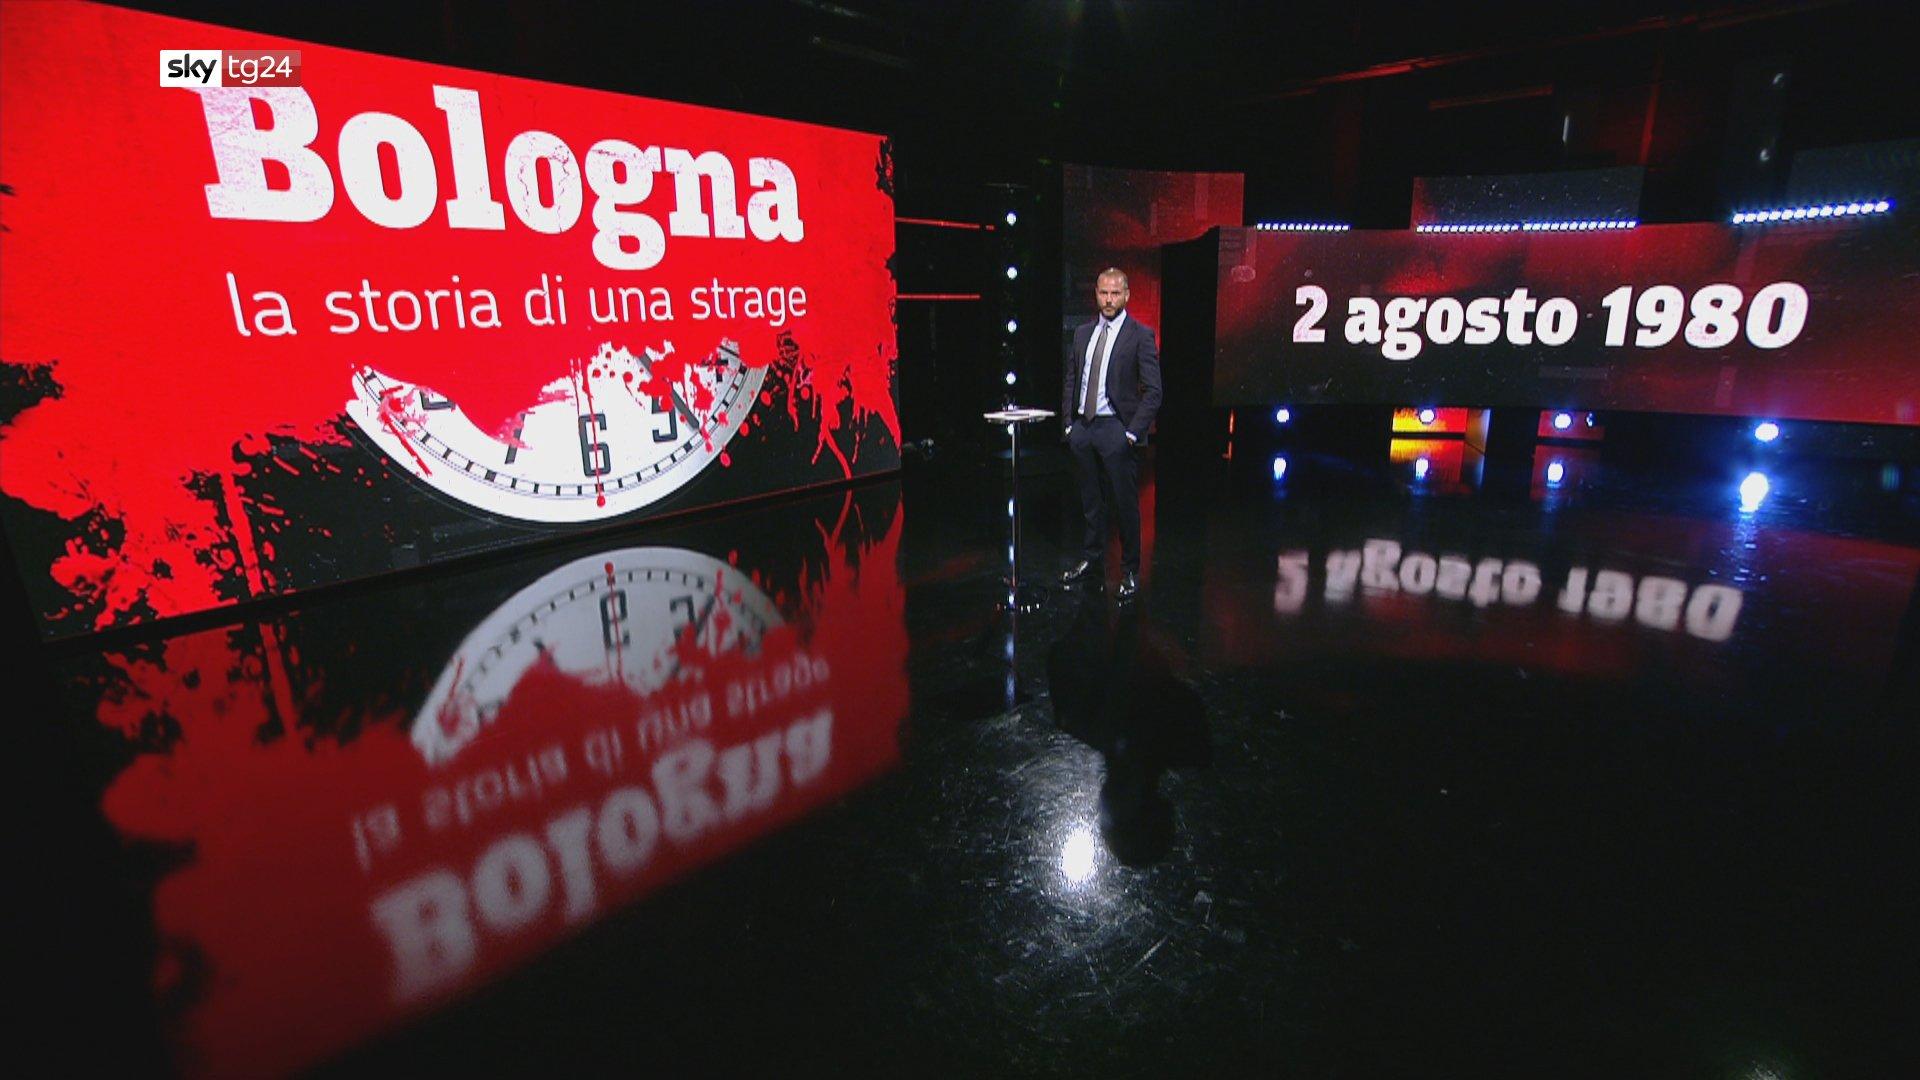 Bologna, la storia di una strage. Sky TG24 ripercorre la tragica vicenda